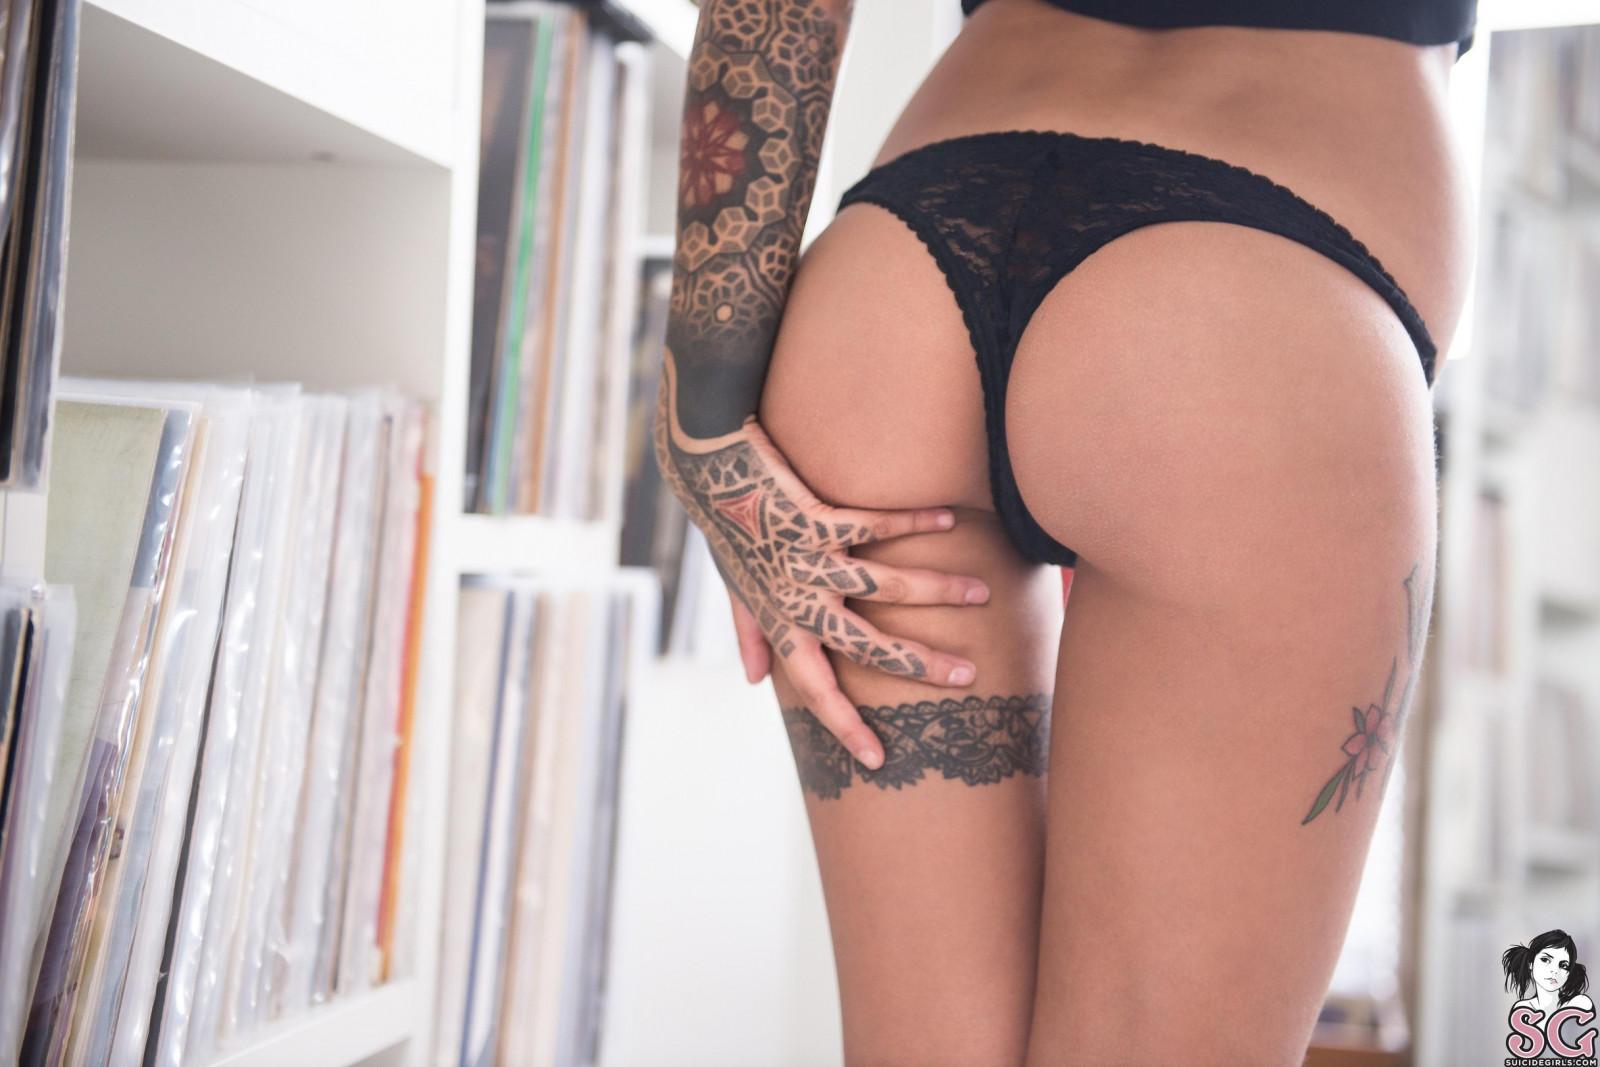 чего девушки с татуировками на попках основе его